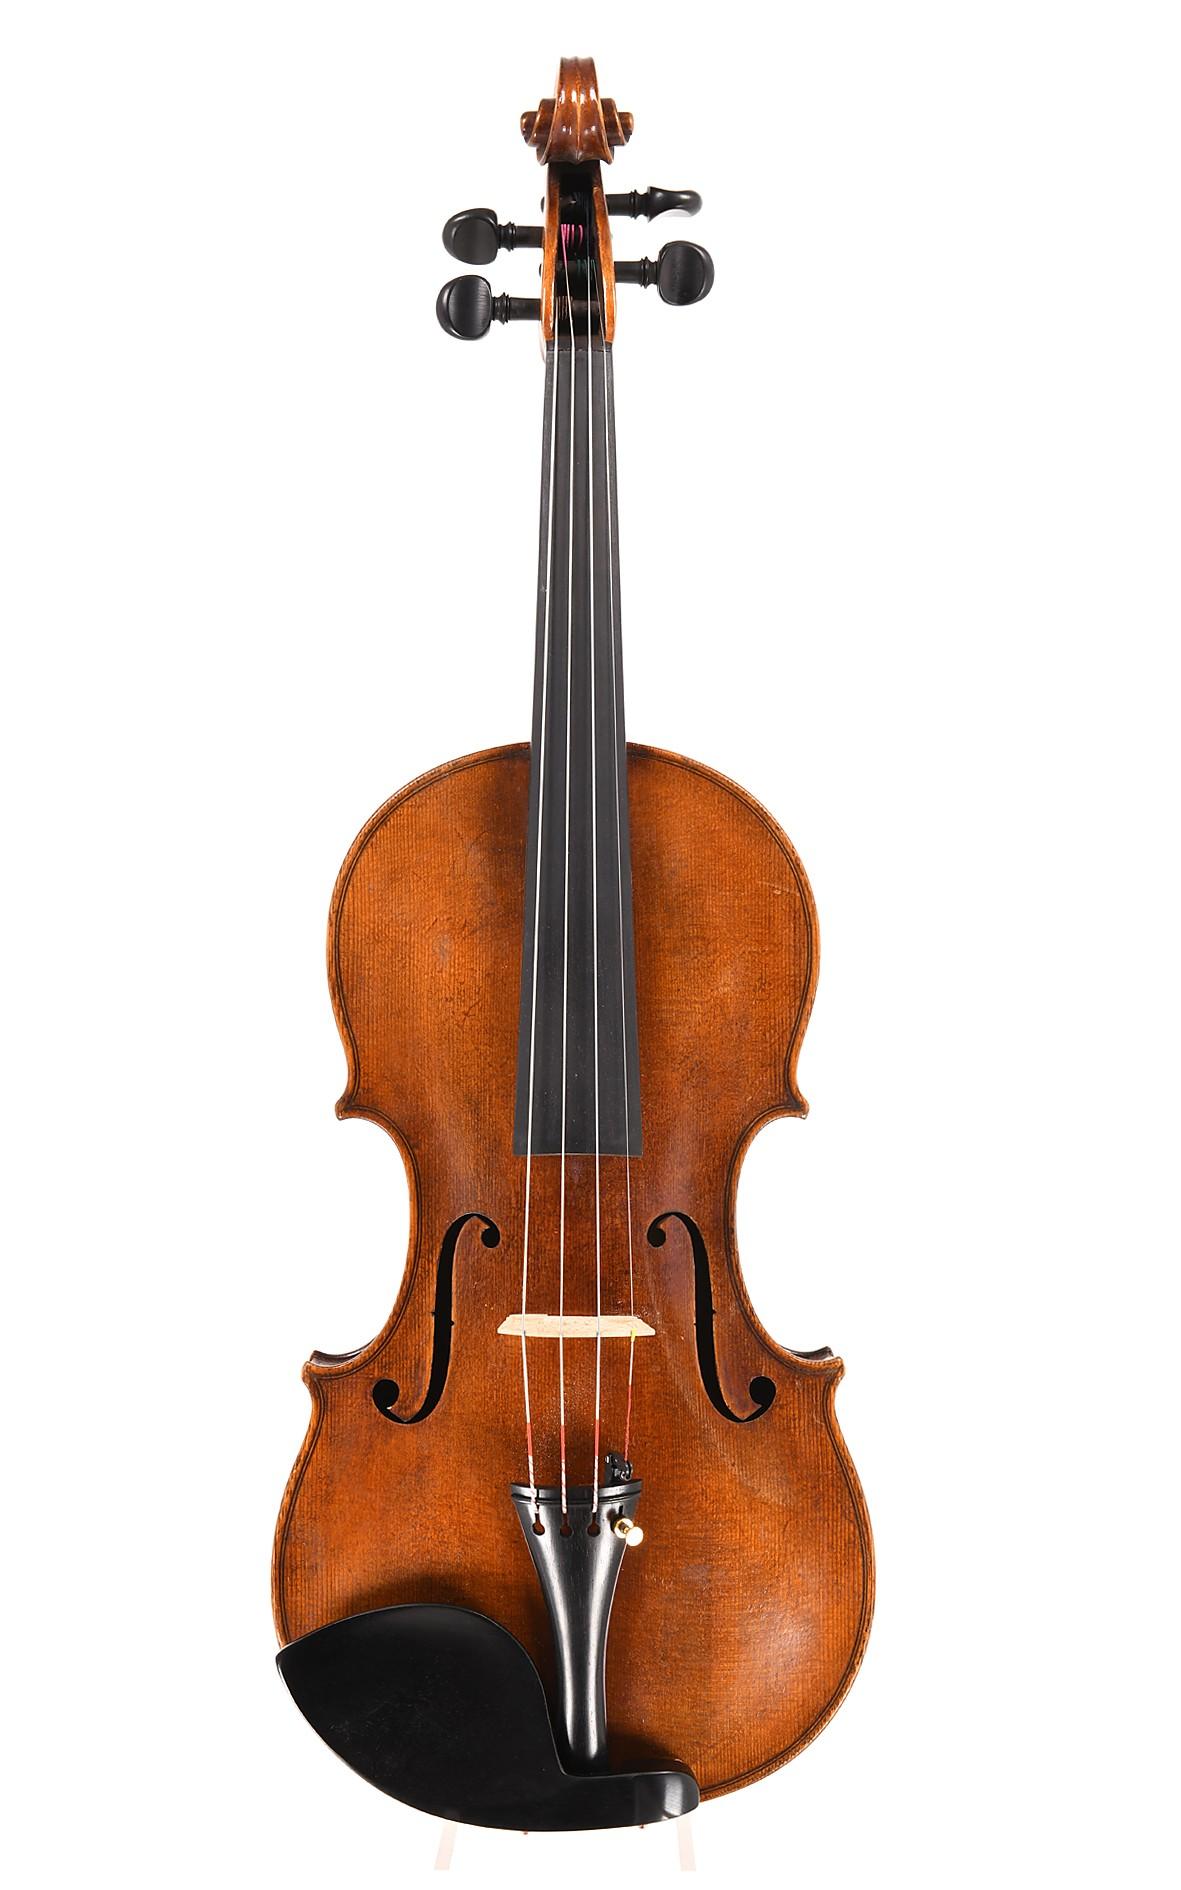 Attractive Markneukirchen master violin, c. 1920 - top